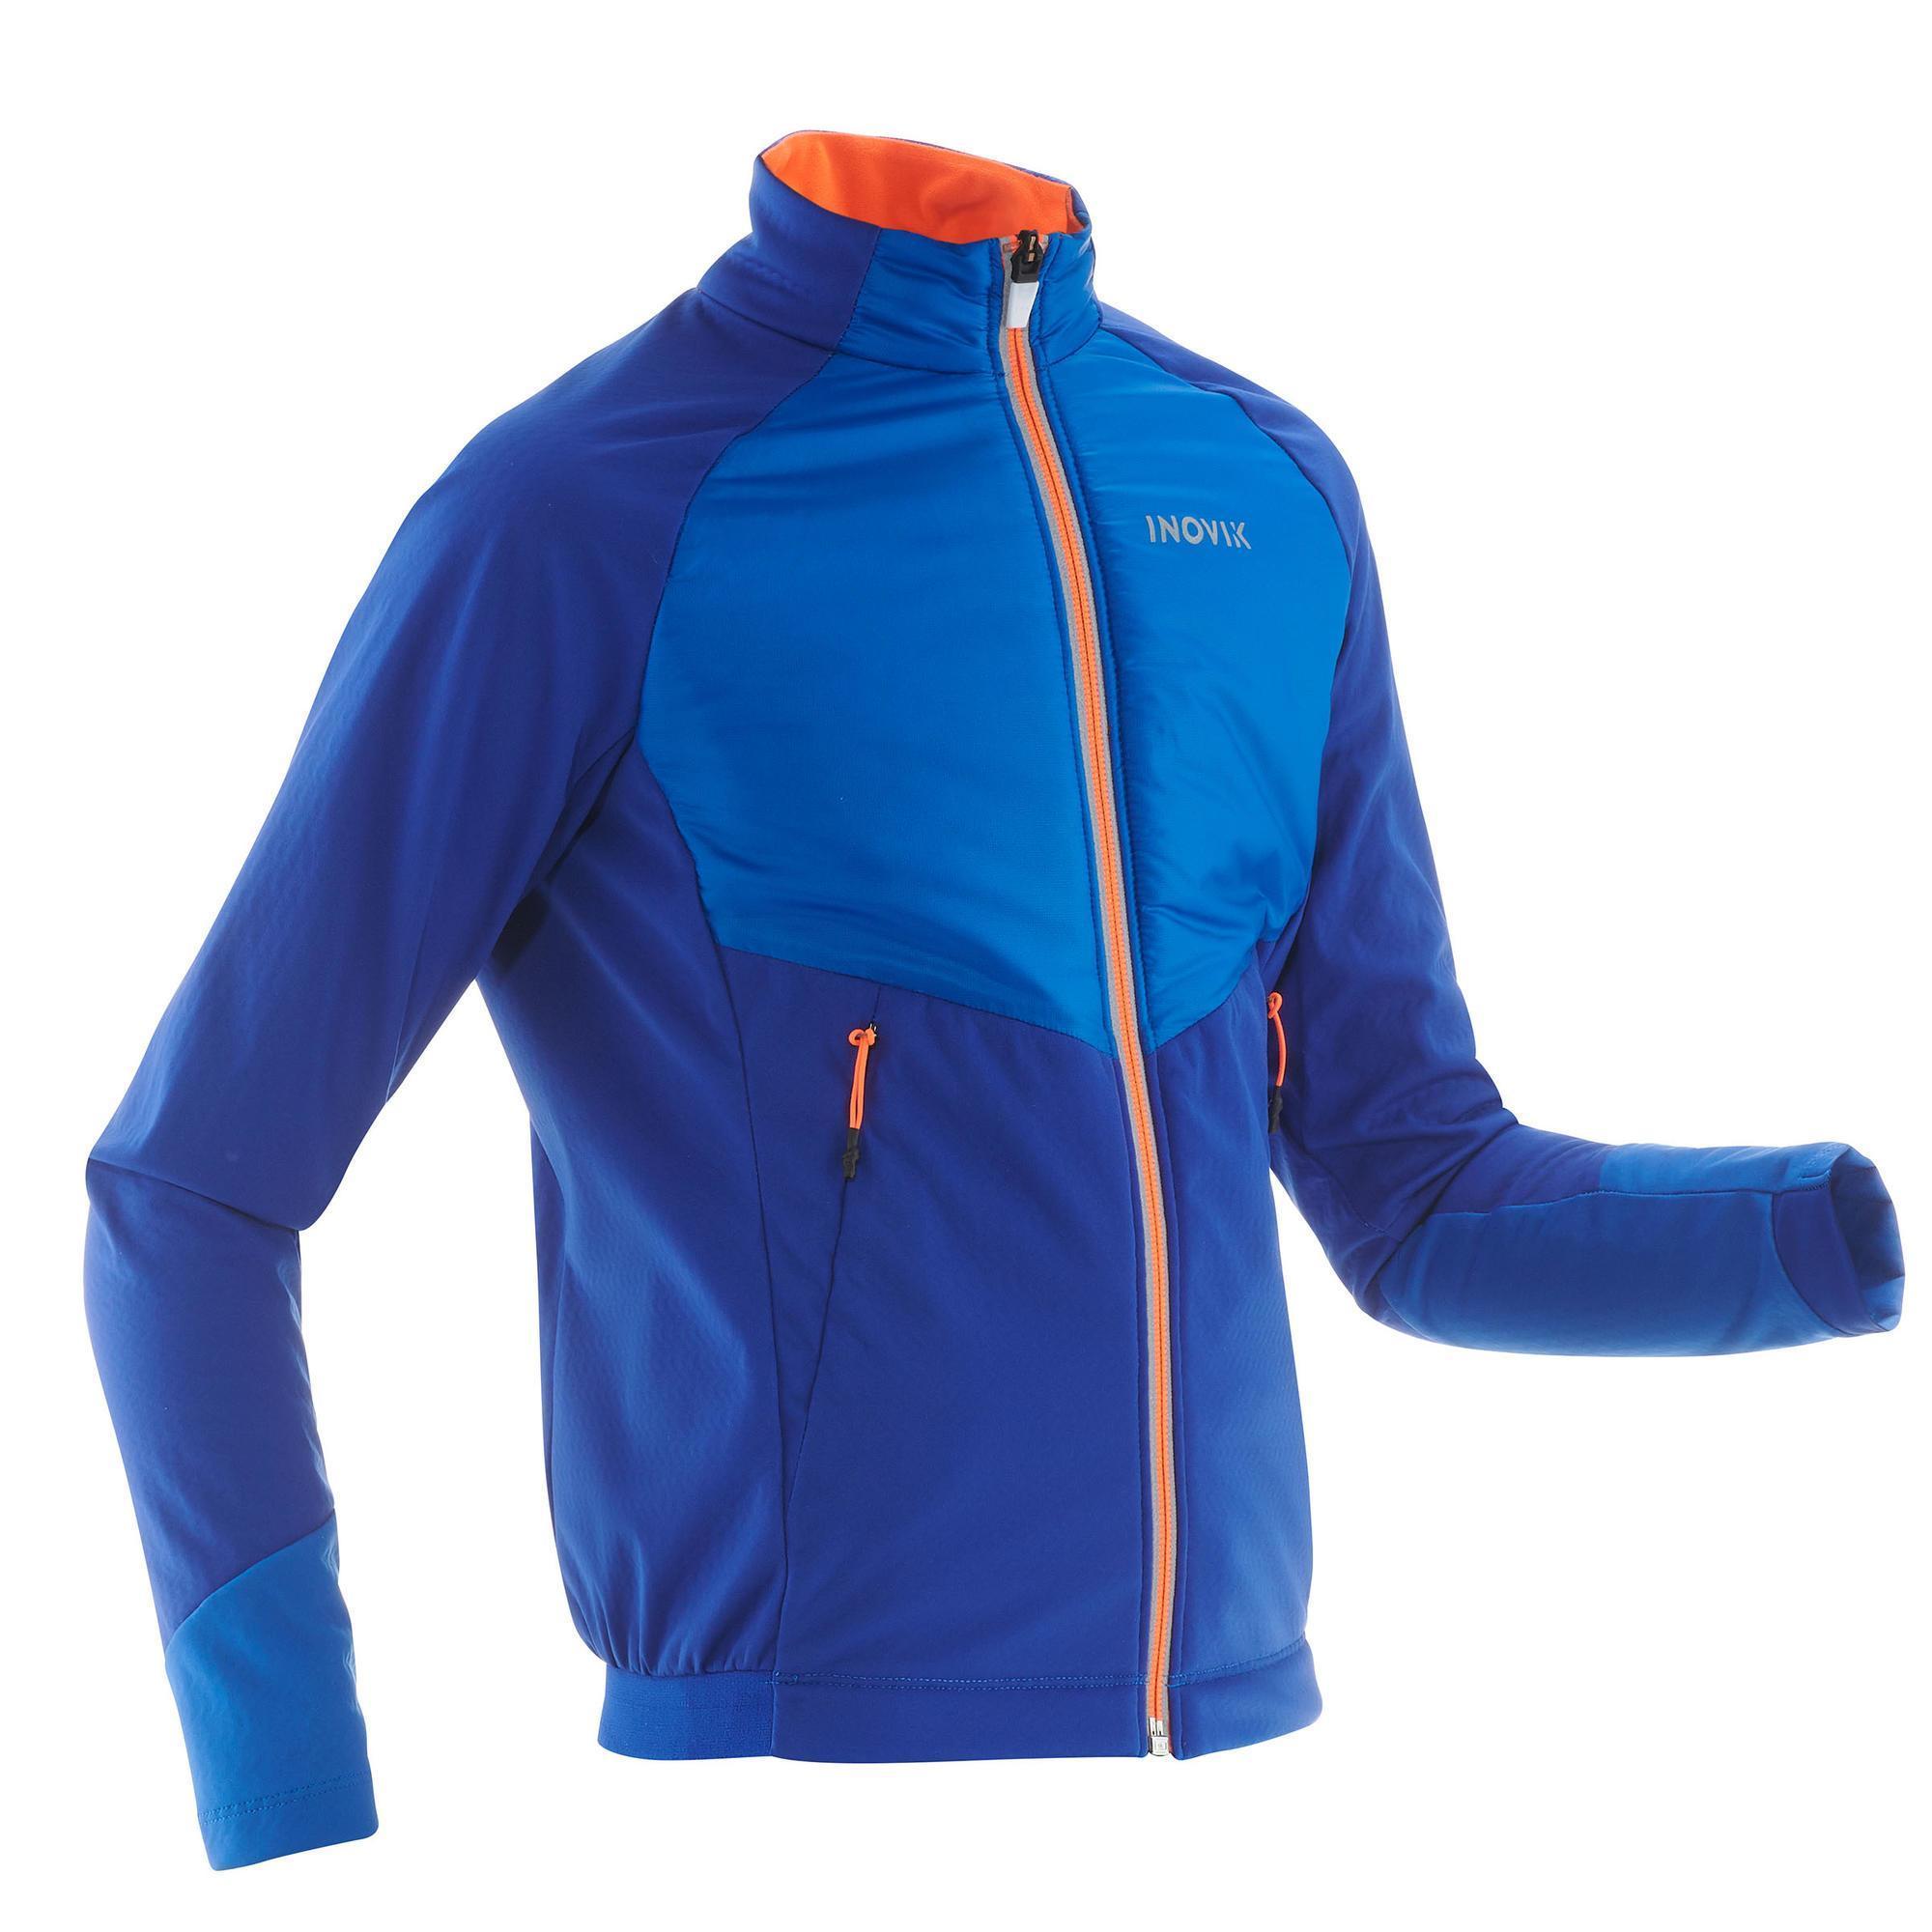 Inovik Warme langlaufjas voor jongens XC S JKT 550 blauw